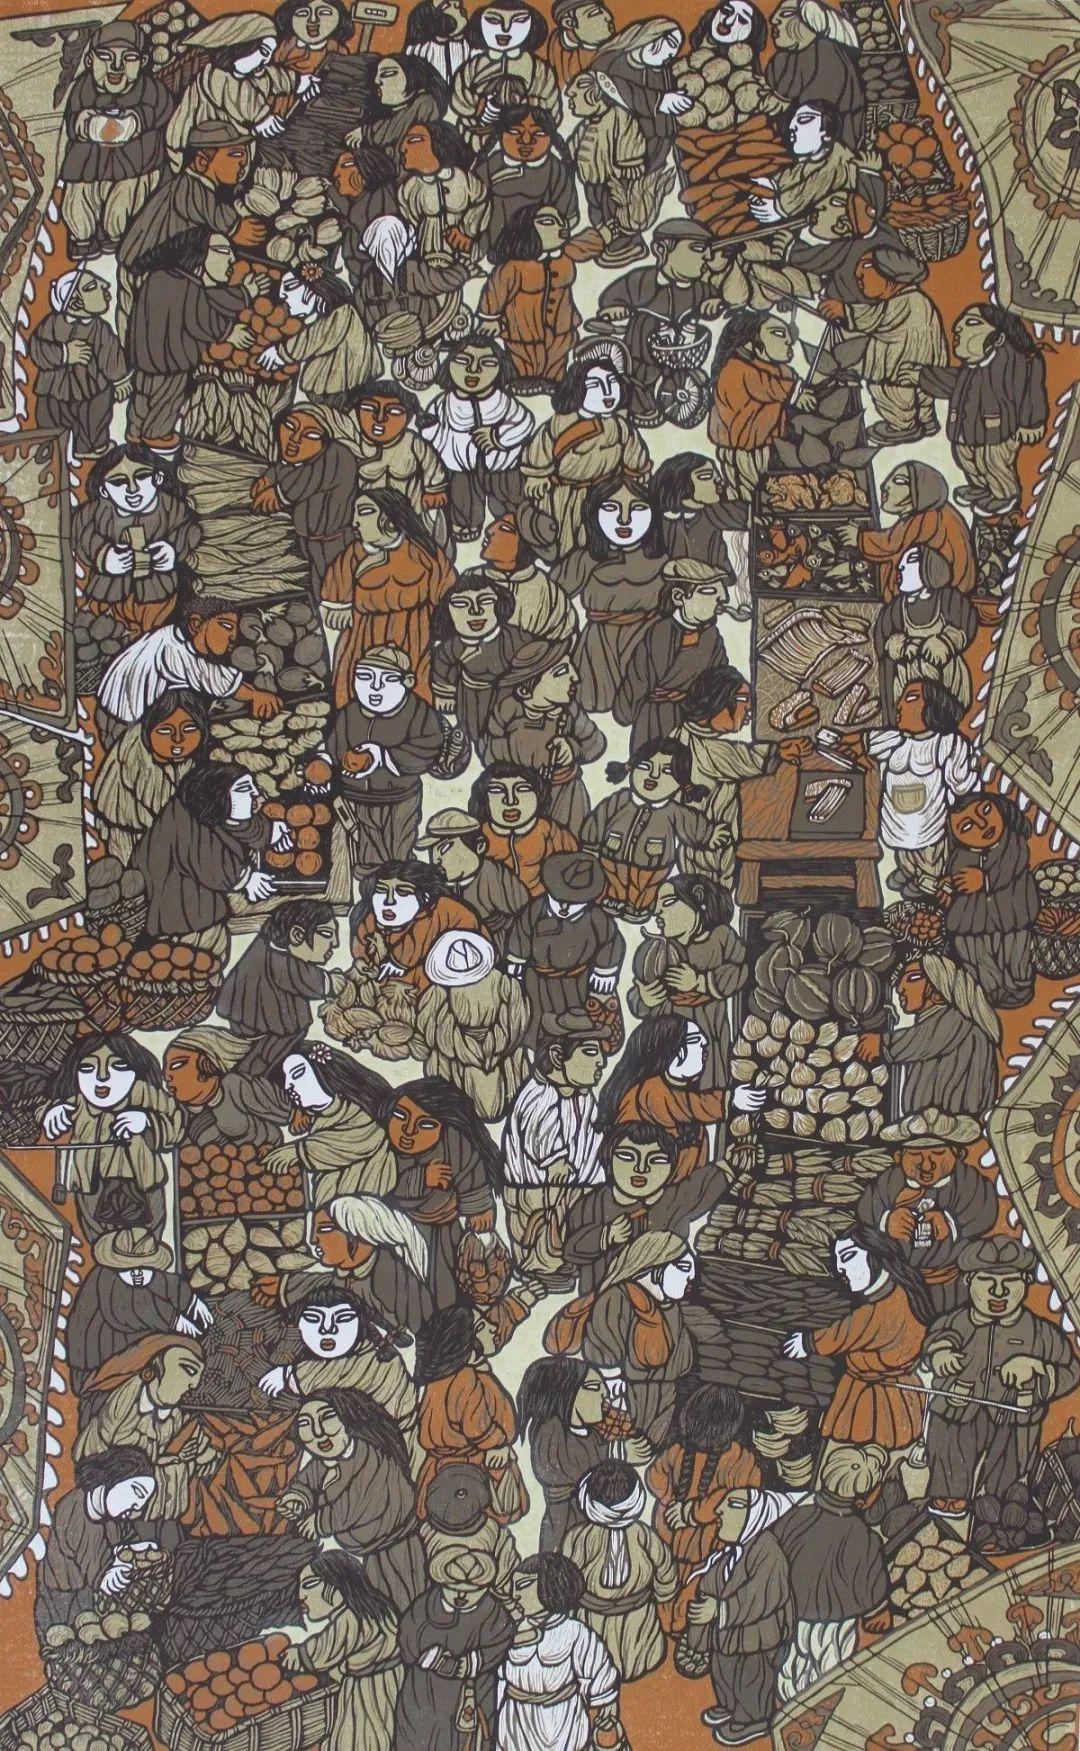 科尔沁文化名片 | 蓬勃发展的奈曼版画 第7张 科尔沁文化名片 | 蓬勃发展的奈曼版画 蒙古画廊